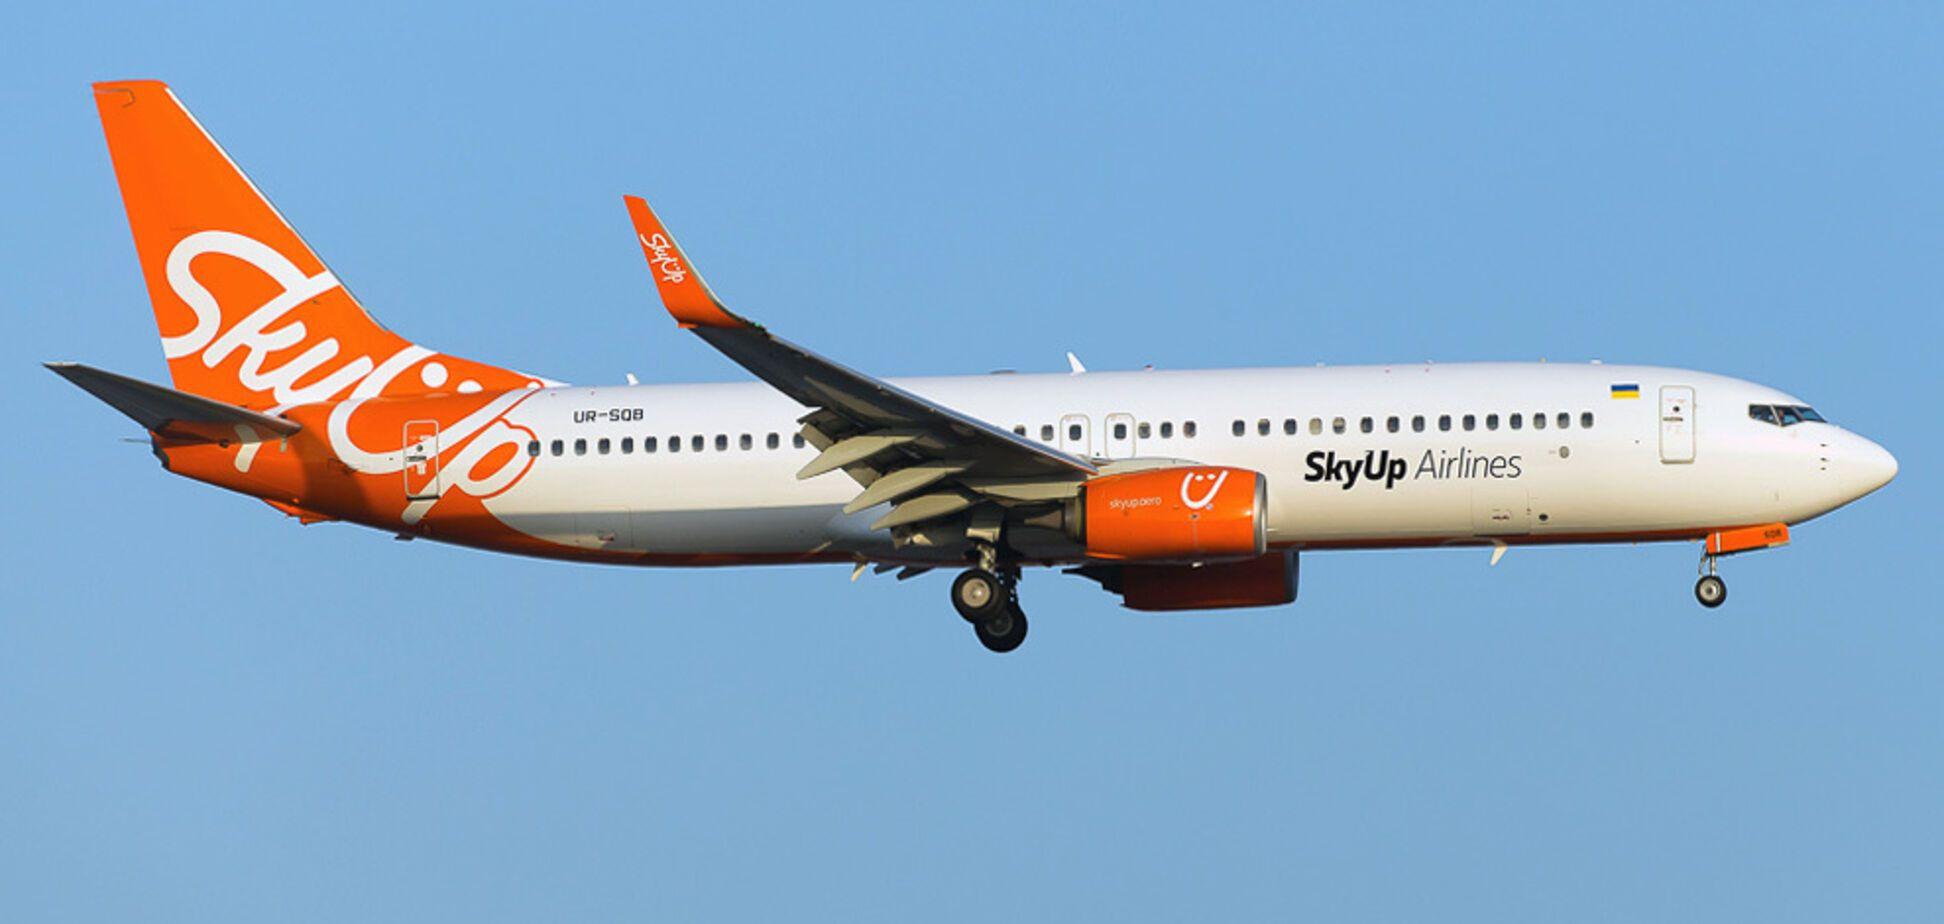 'Авіафера' з пальця: коментар SkyUp щодо розповсюдженої в мережі інформації